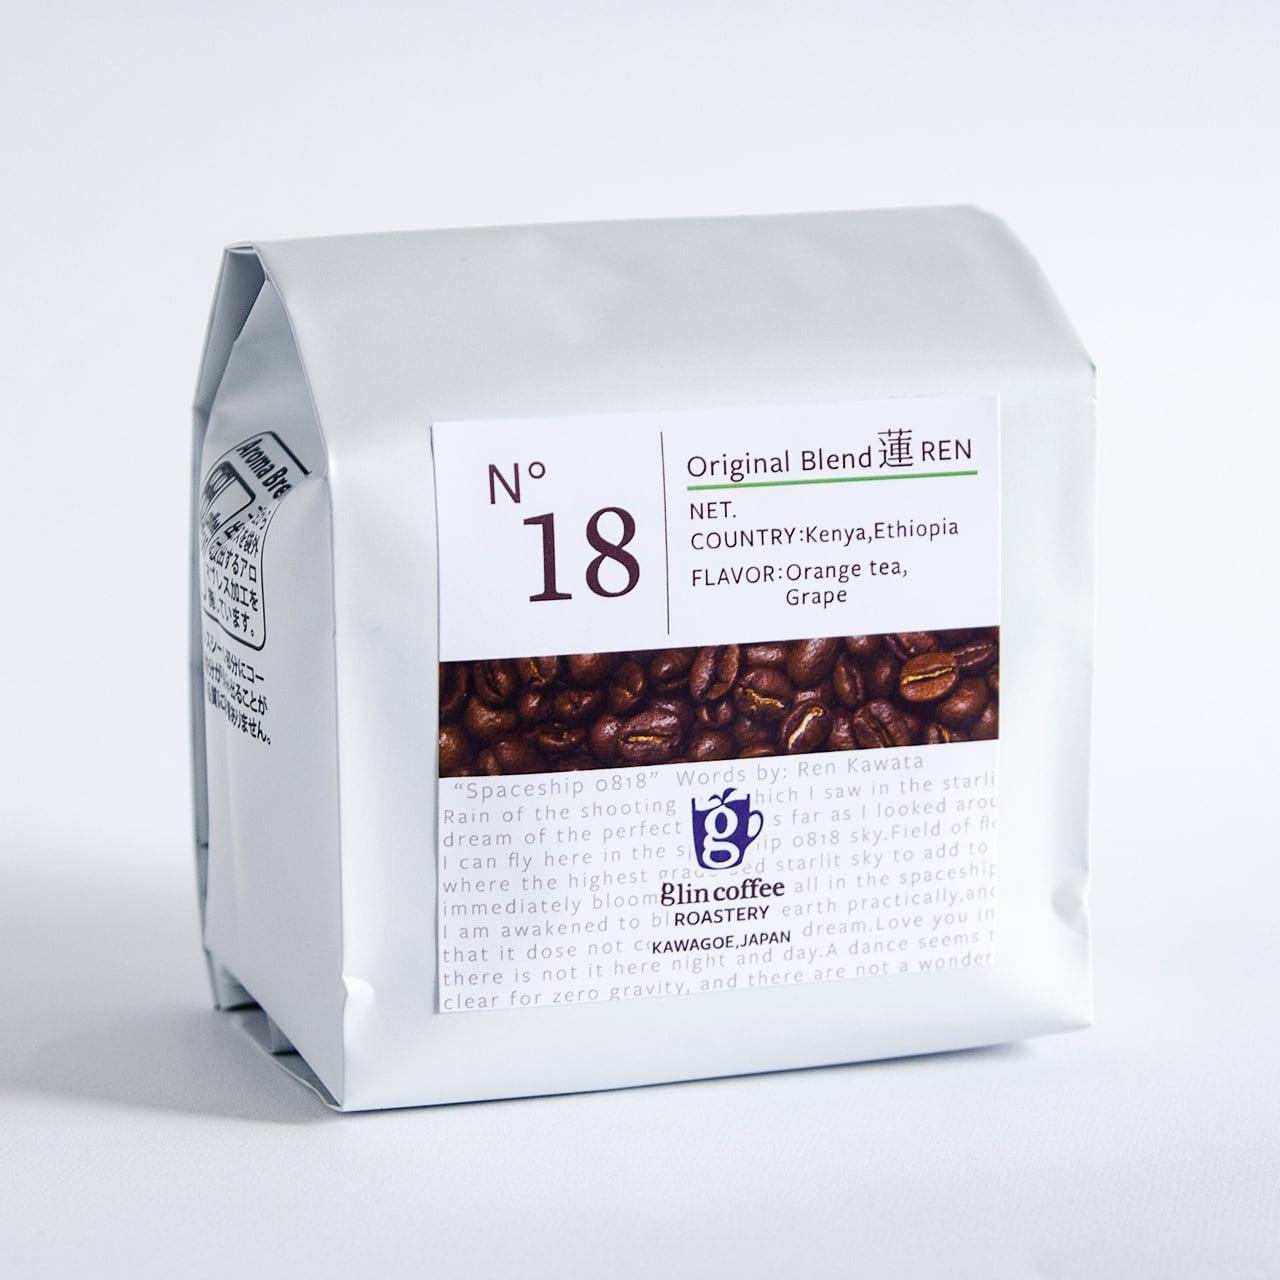 No.18 オリジナルブレンド~蓮~REN 150g自家焙煎コーヒー豆 『ブレンド』